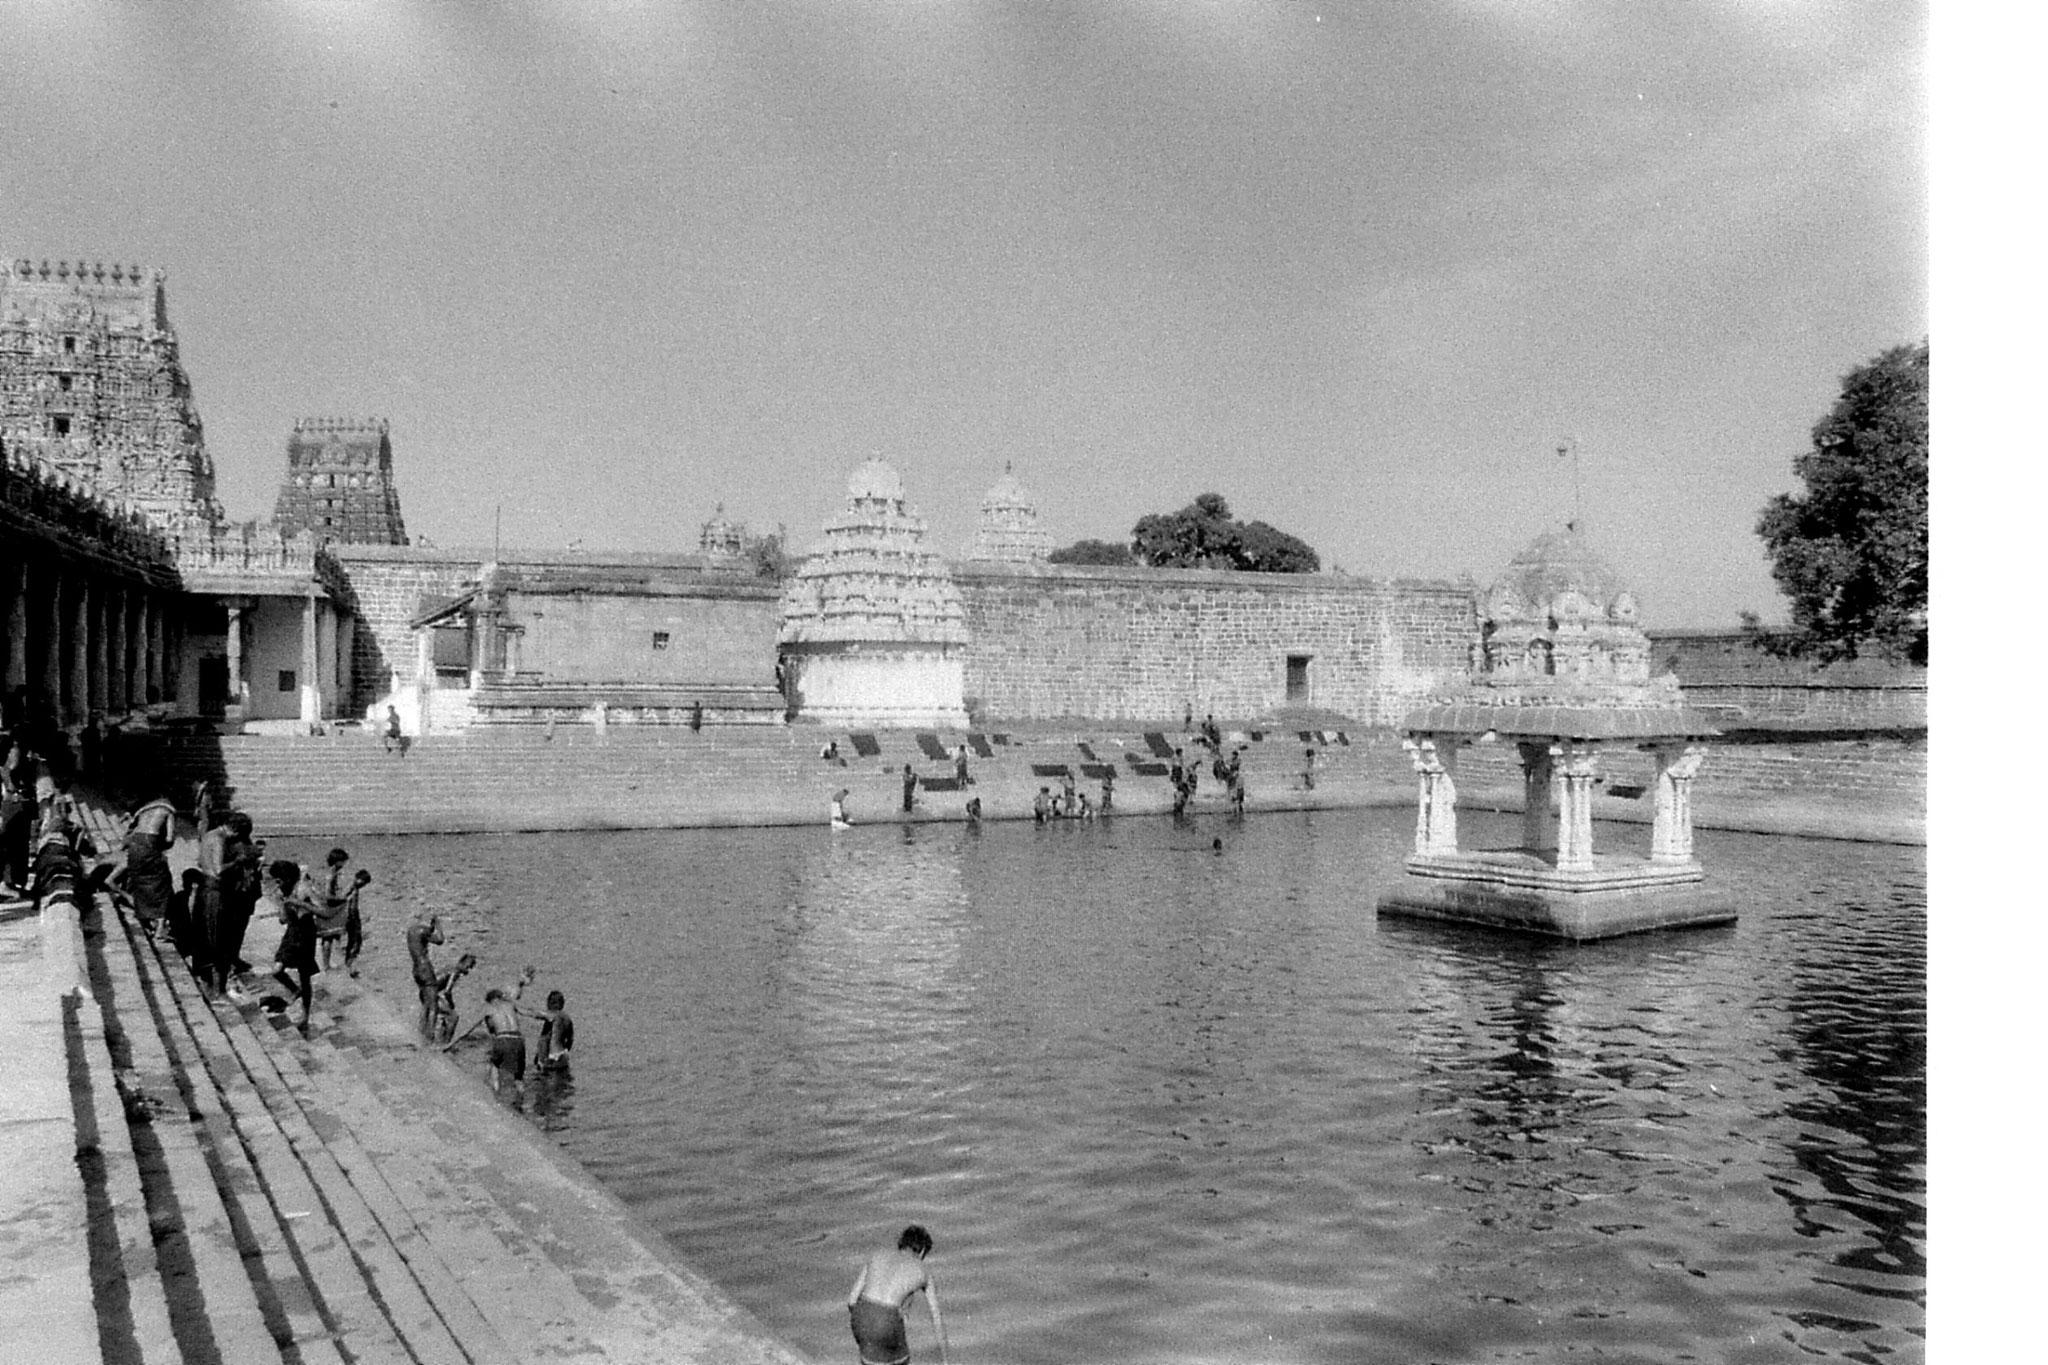 19/1/90: 16: Kanchipuram - Ekambareswarar temple - bathing tank